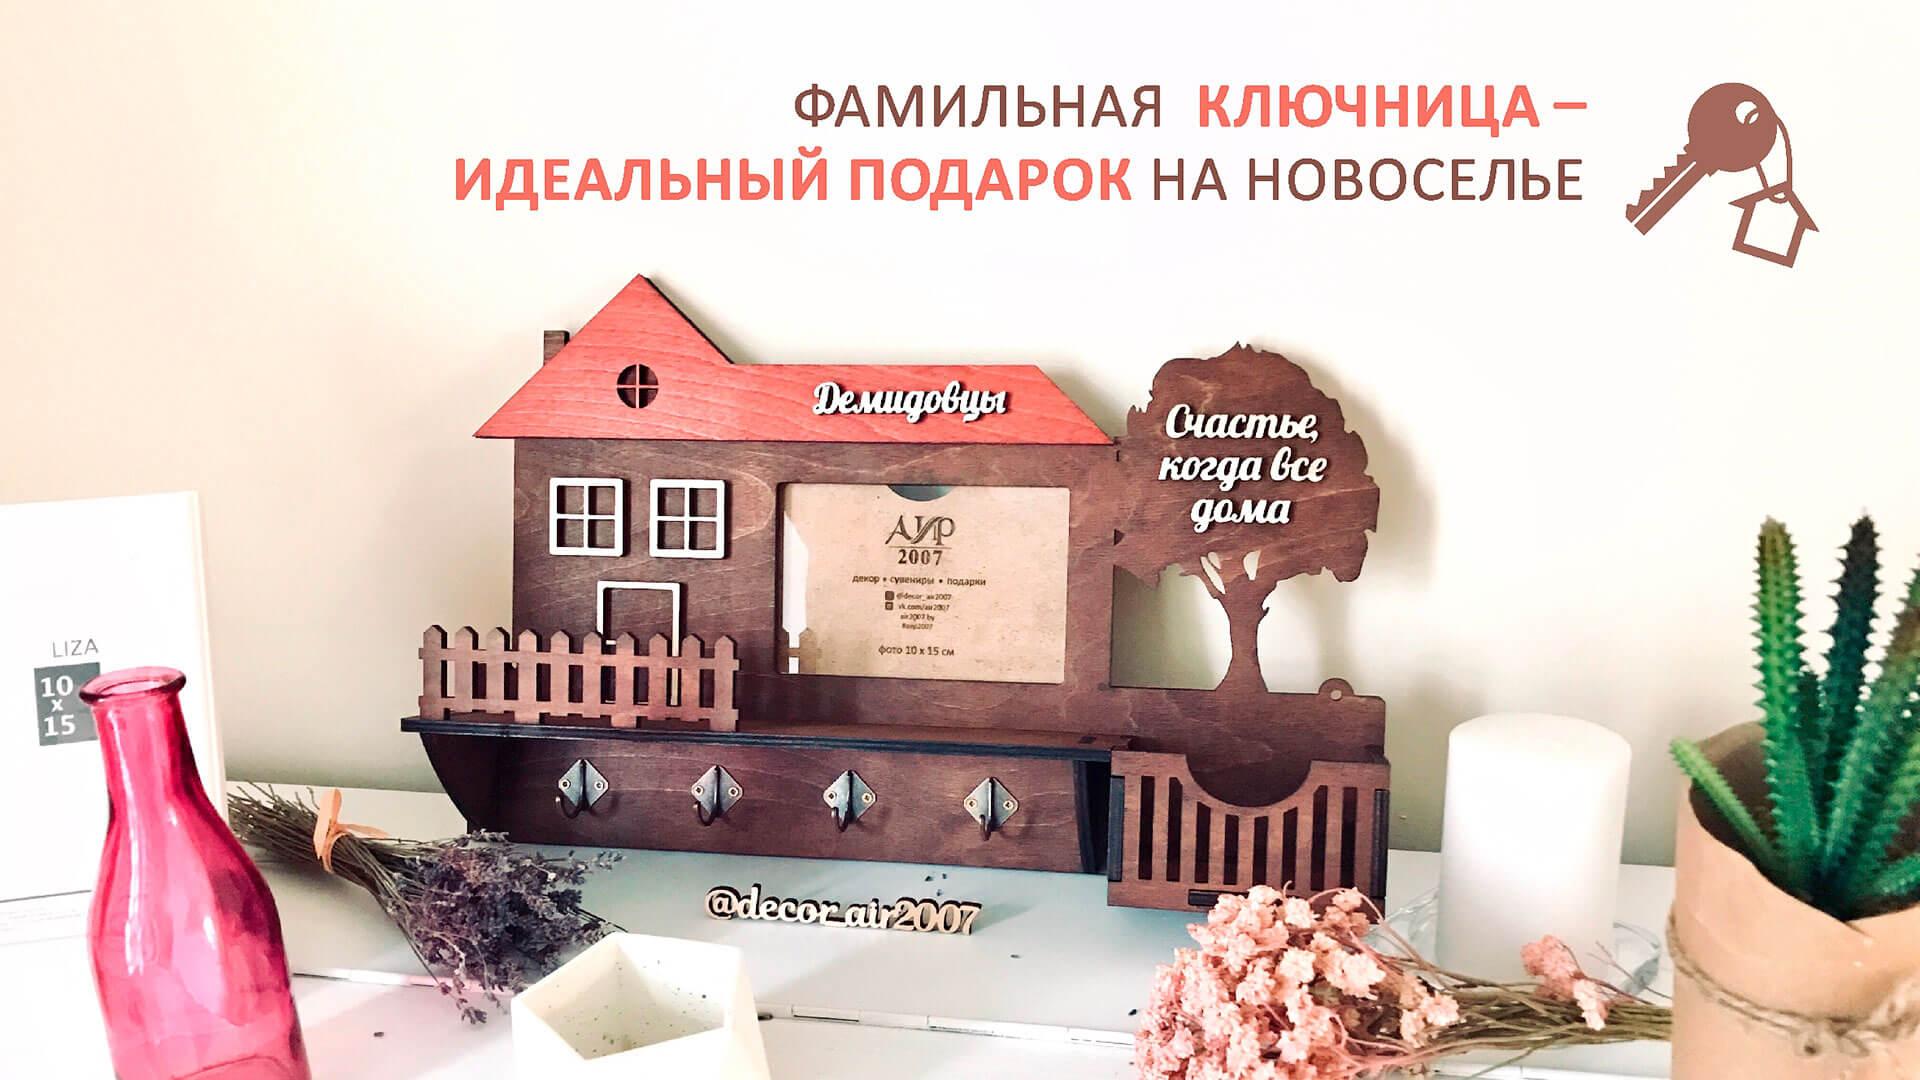 ключница с фамилией семьи как подарок на новоселье купить в Минске с доставкой по Беларуси